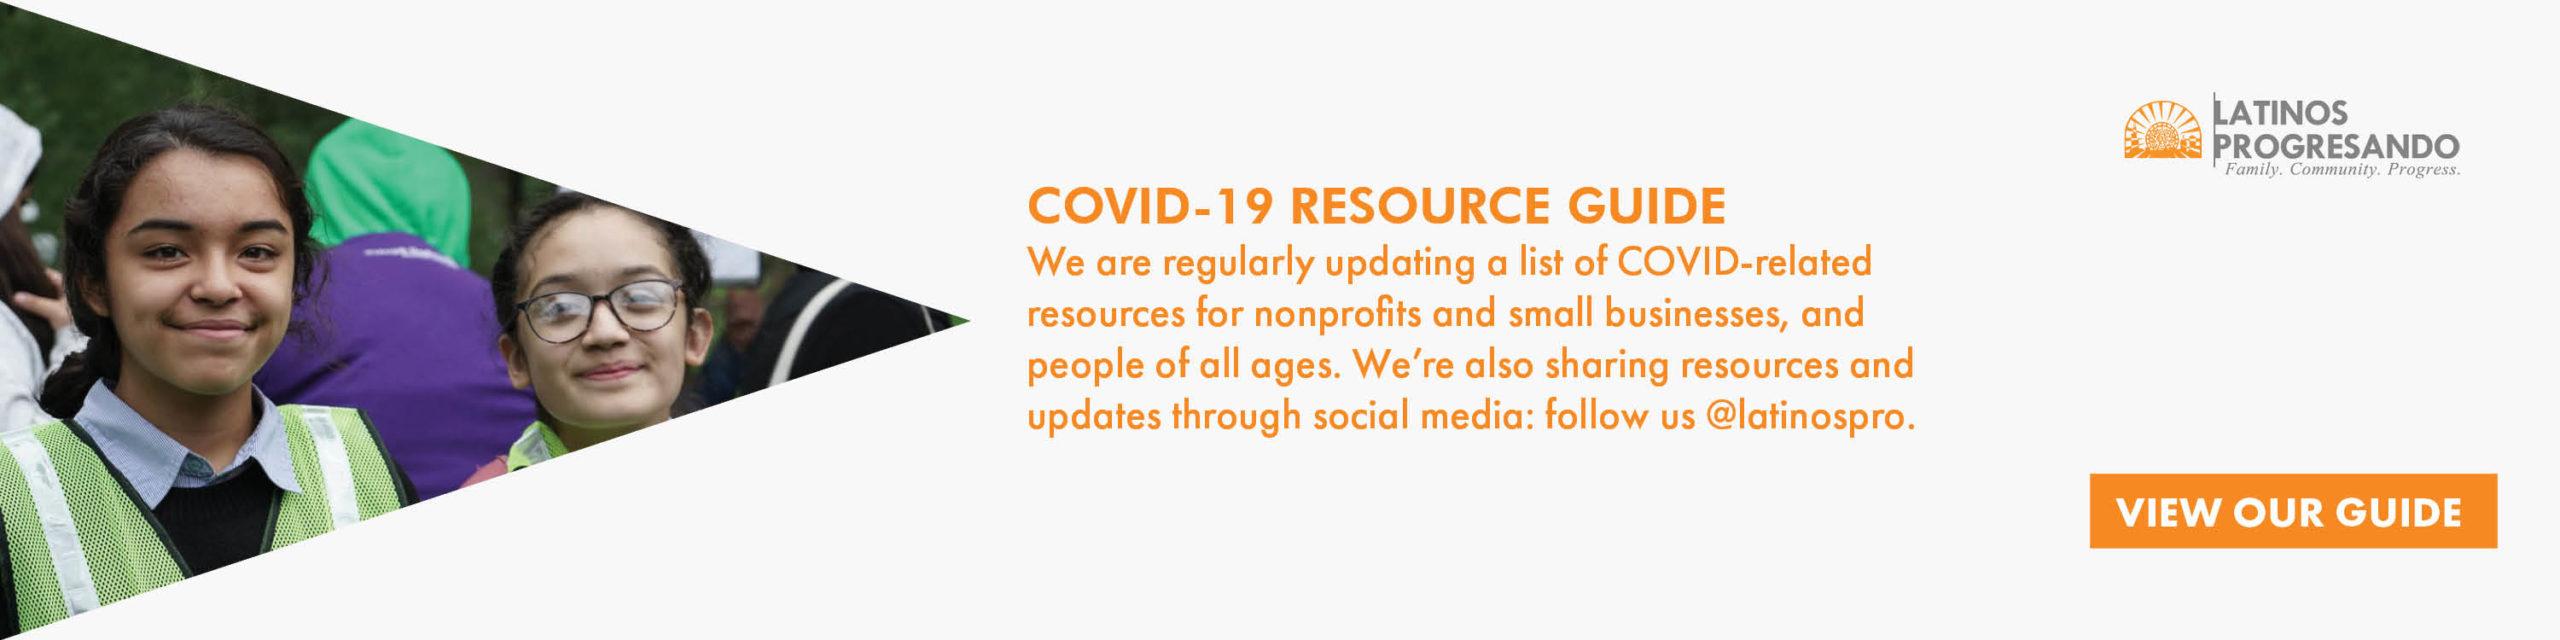 LP COVID-19 Resource Guide